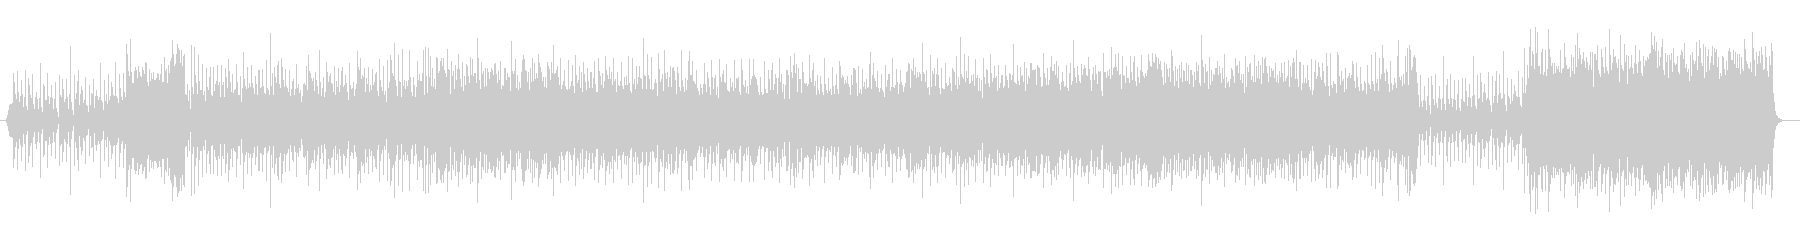 元気の出るポップス(ホーン・セクション)の未再生の波形